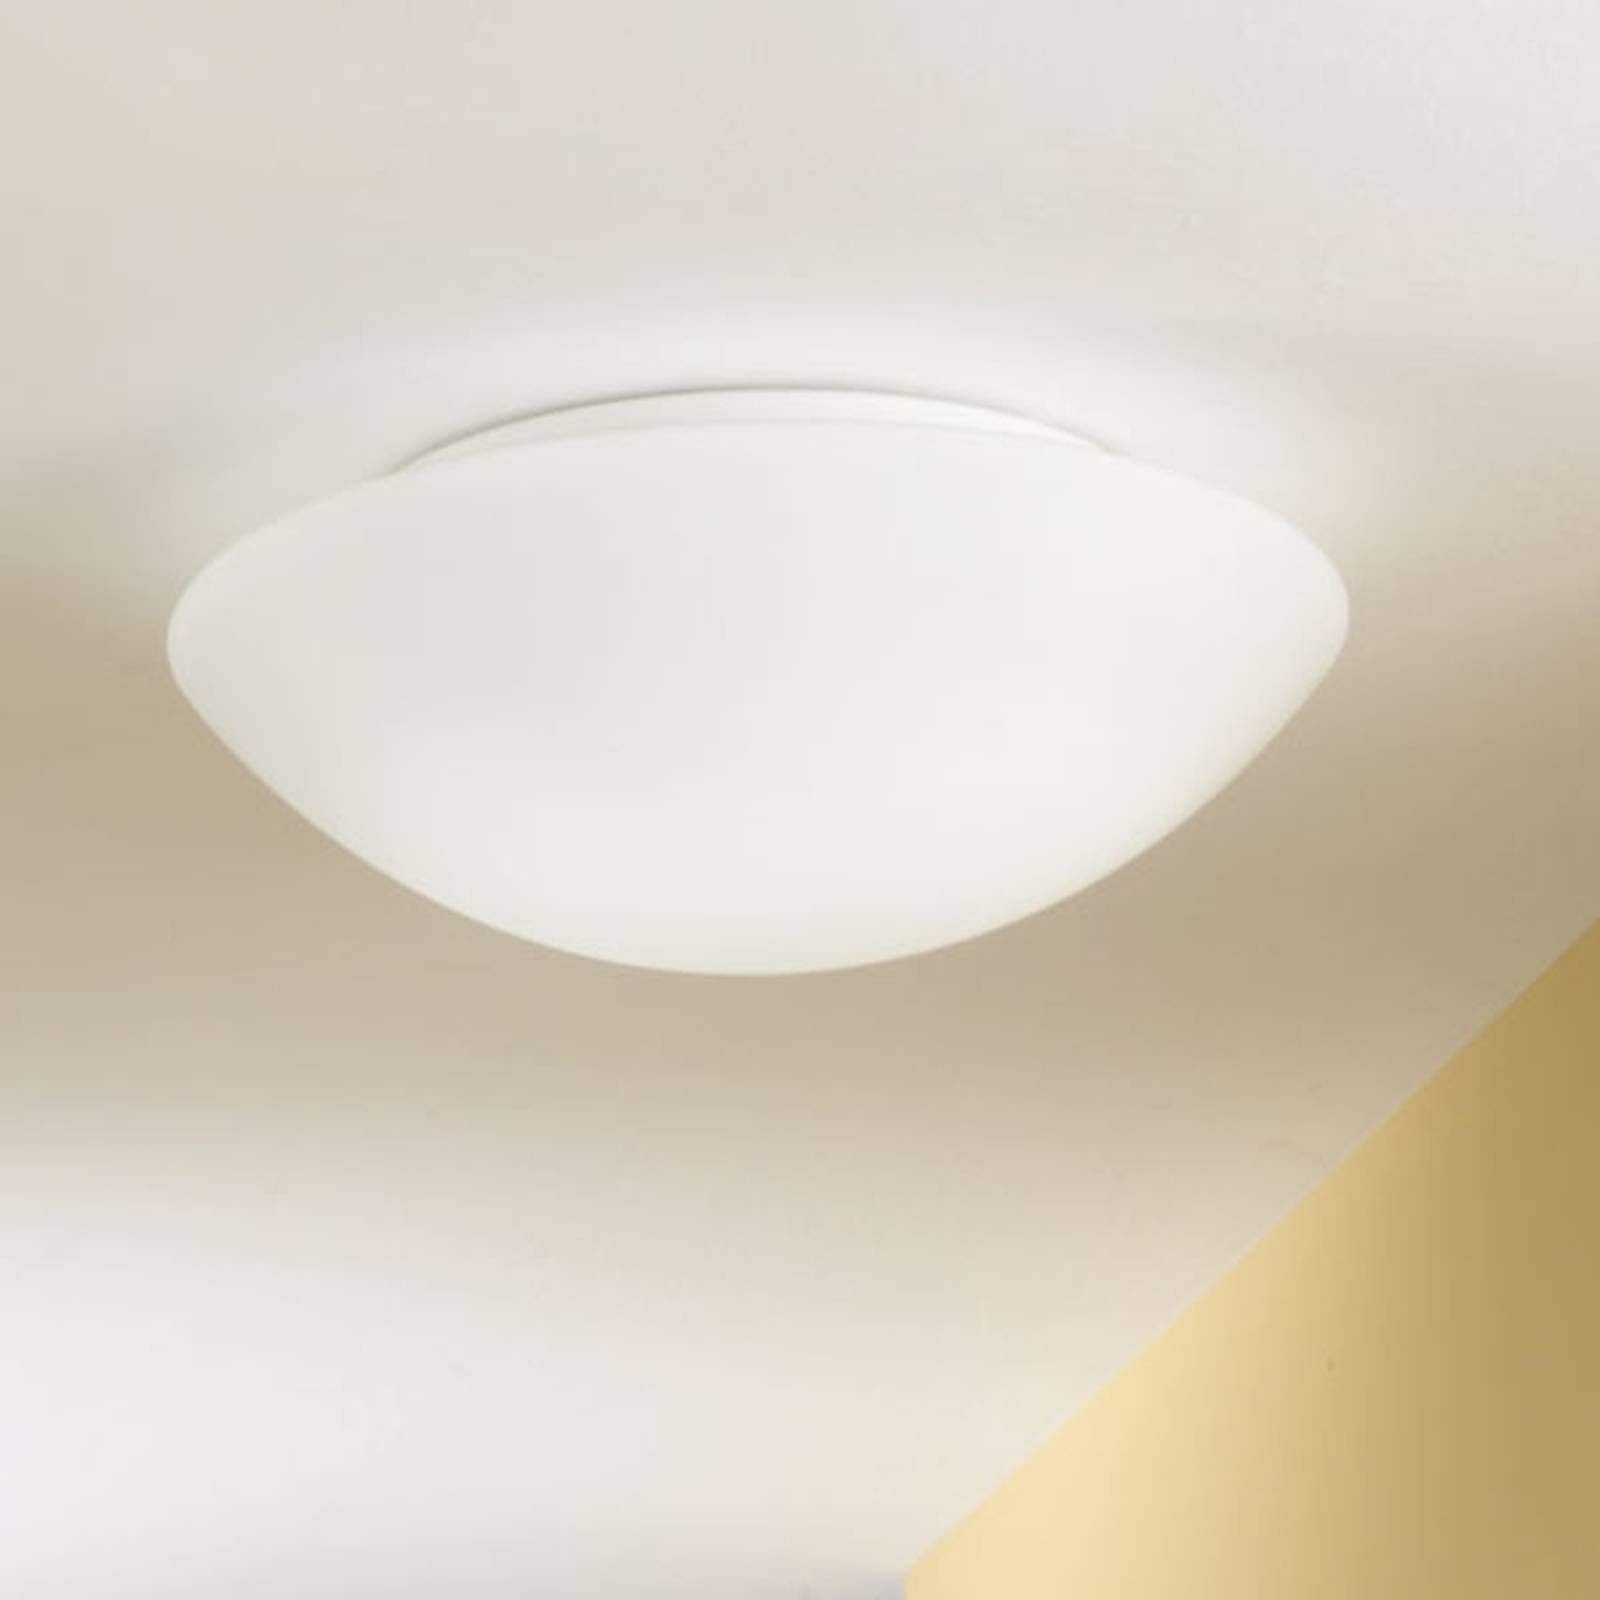 PANDORA taklampe eller vegglampe 36 cm